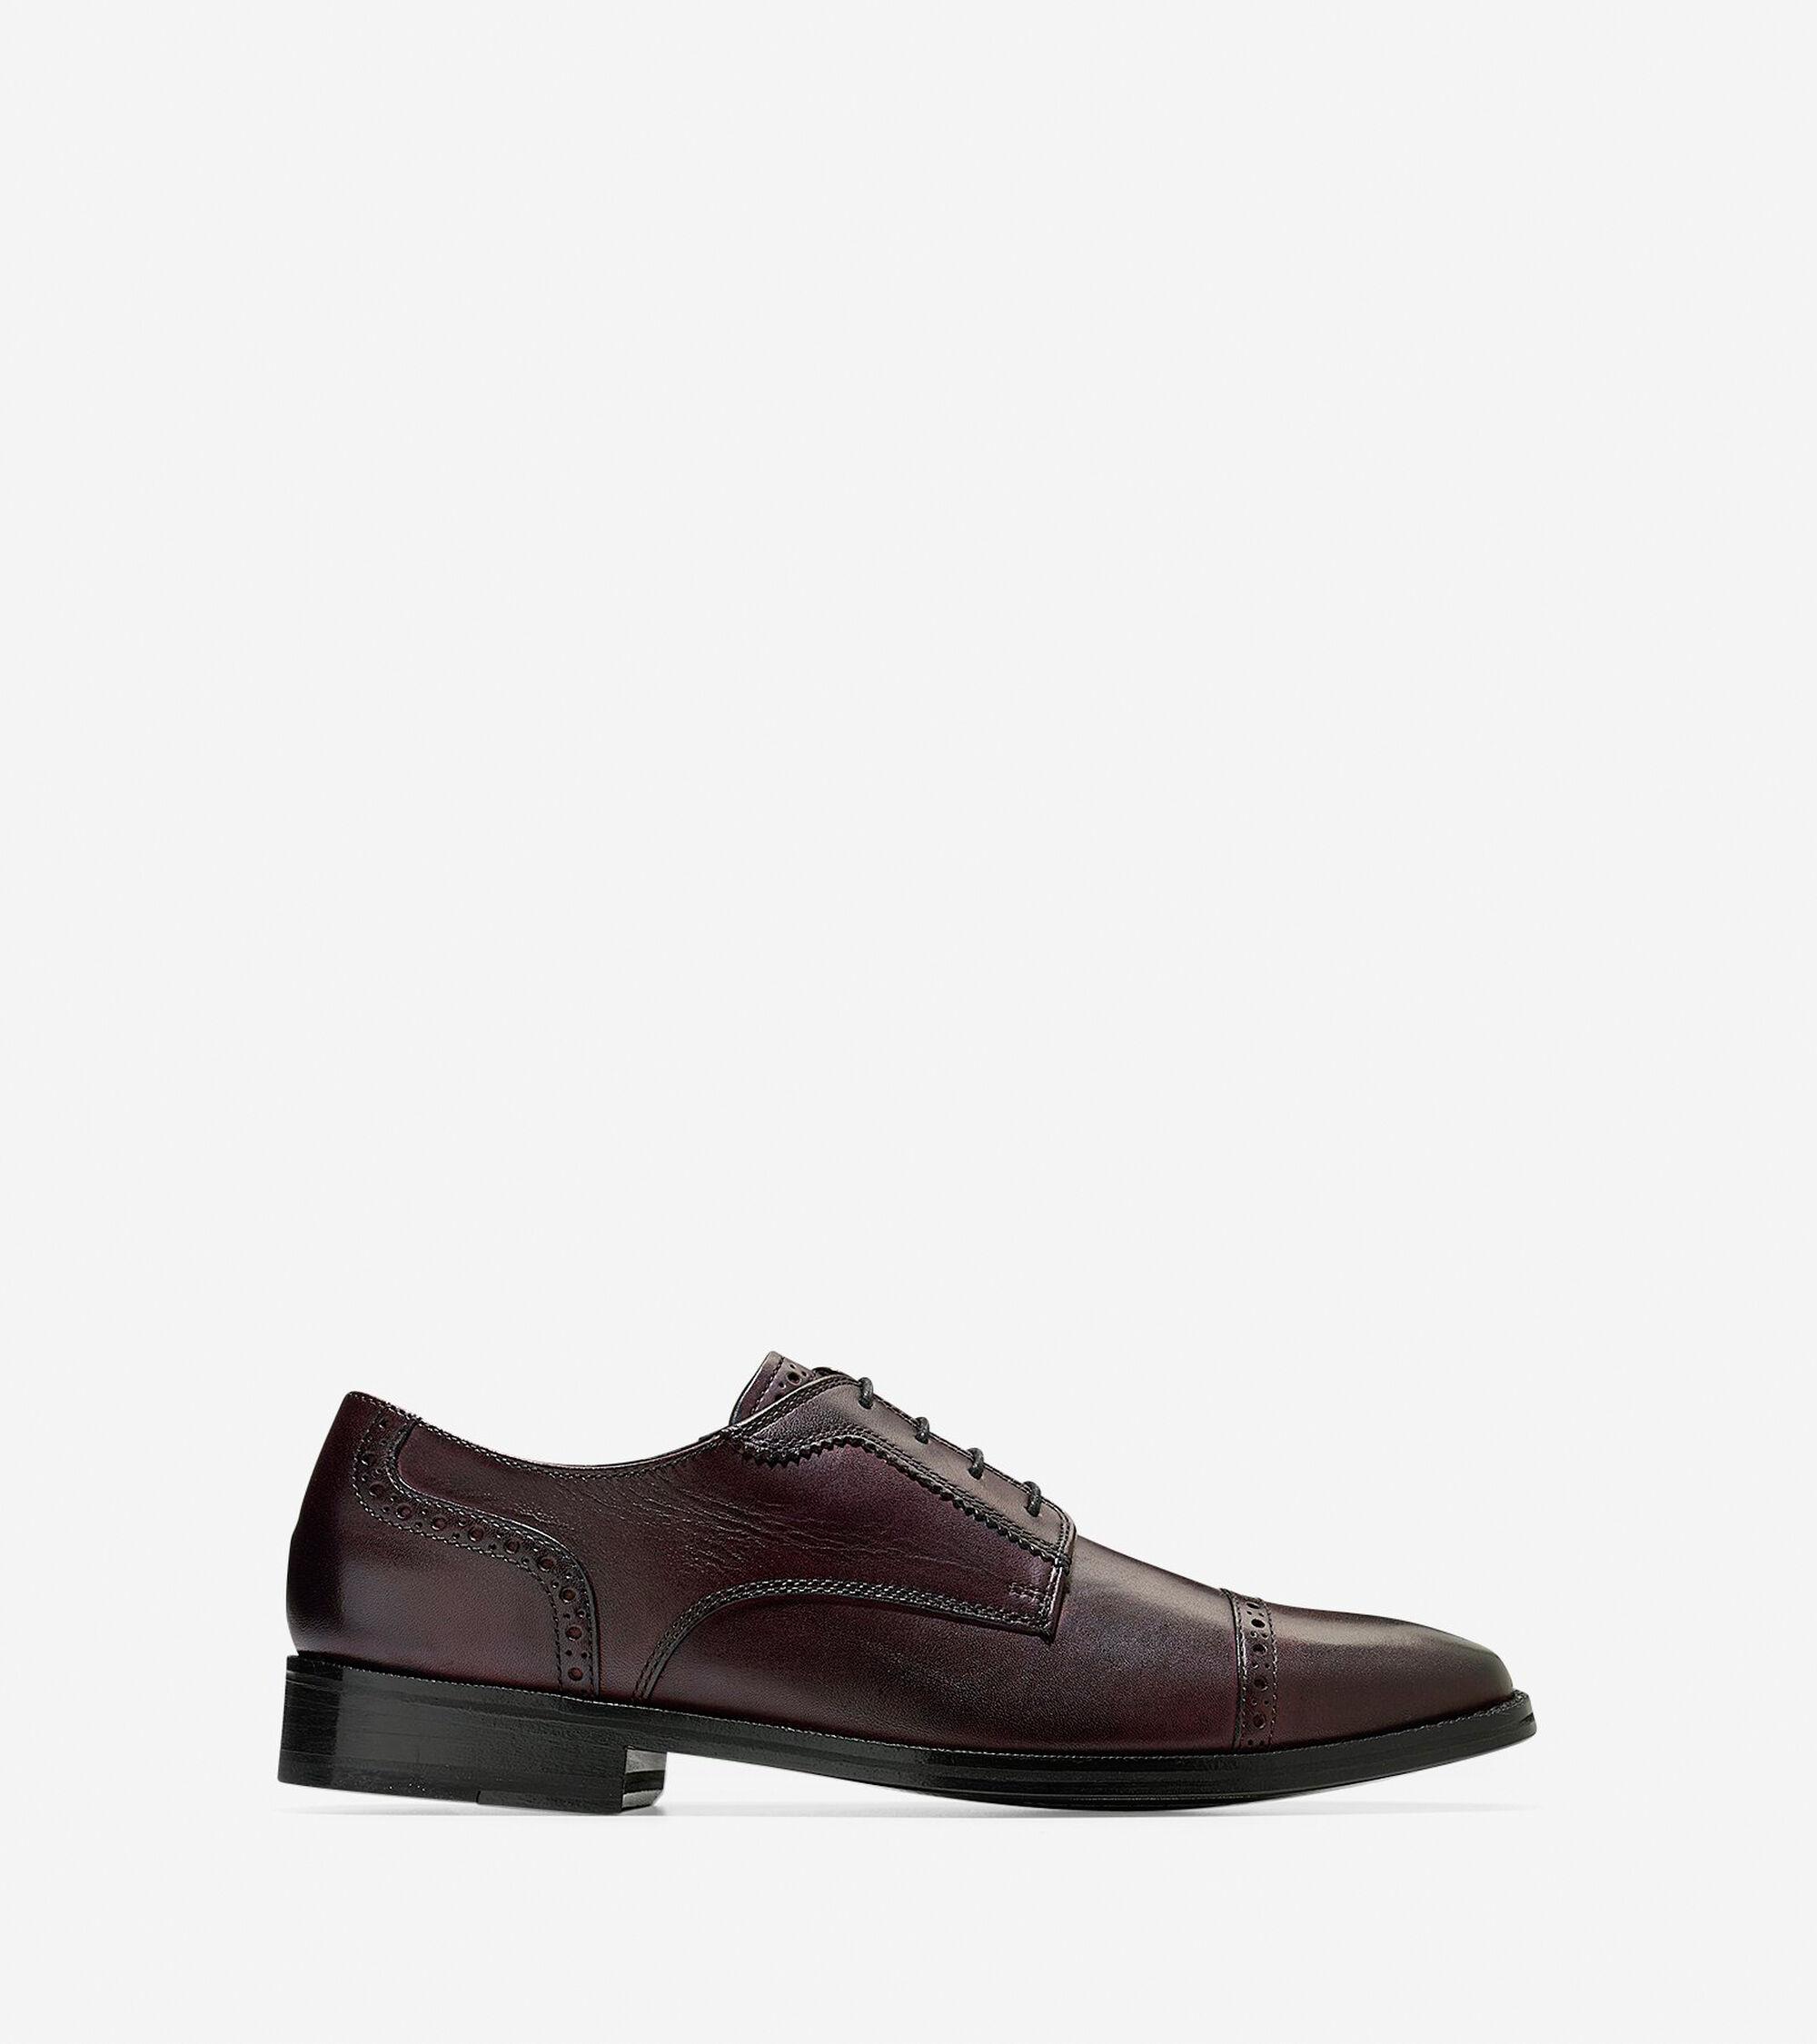 Shoes > Giraldo Luxe Cap Toe Oxford